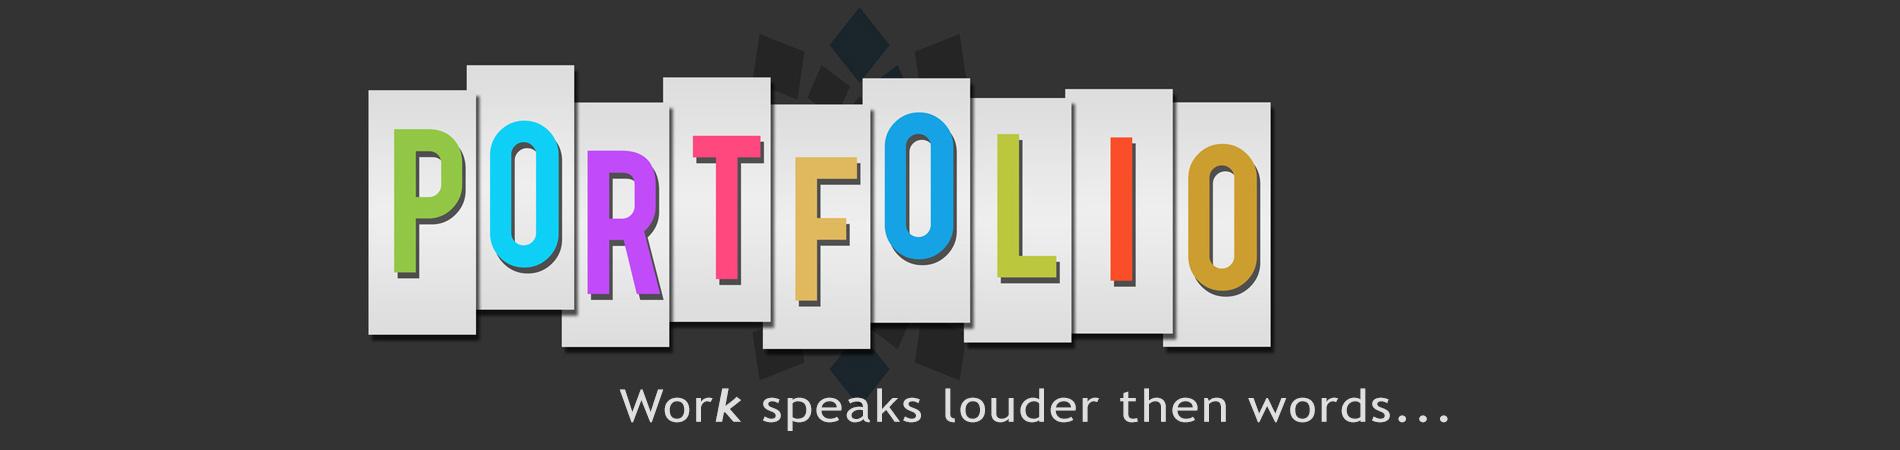 porfolio banner wider